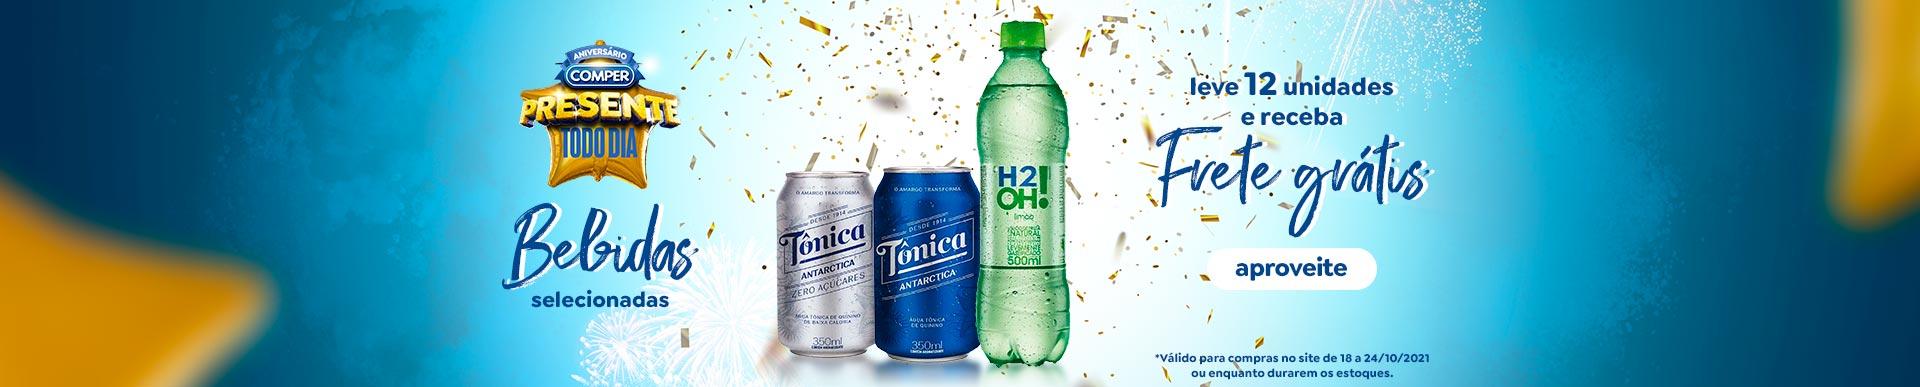 trade_2021-10-18a10-24_aniversario-presentetododia_ambev_MT-tonica-antarc-ho2h-L12-frete